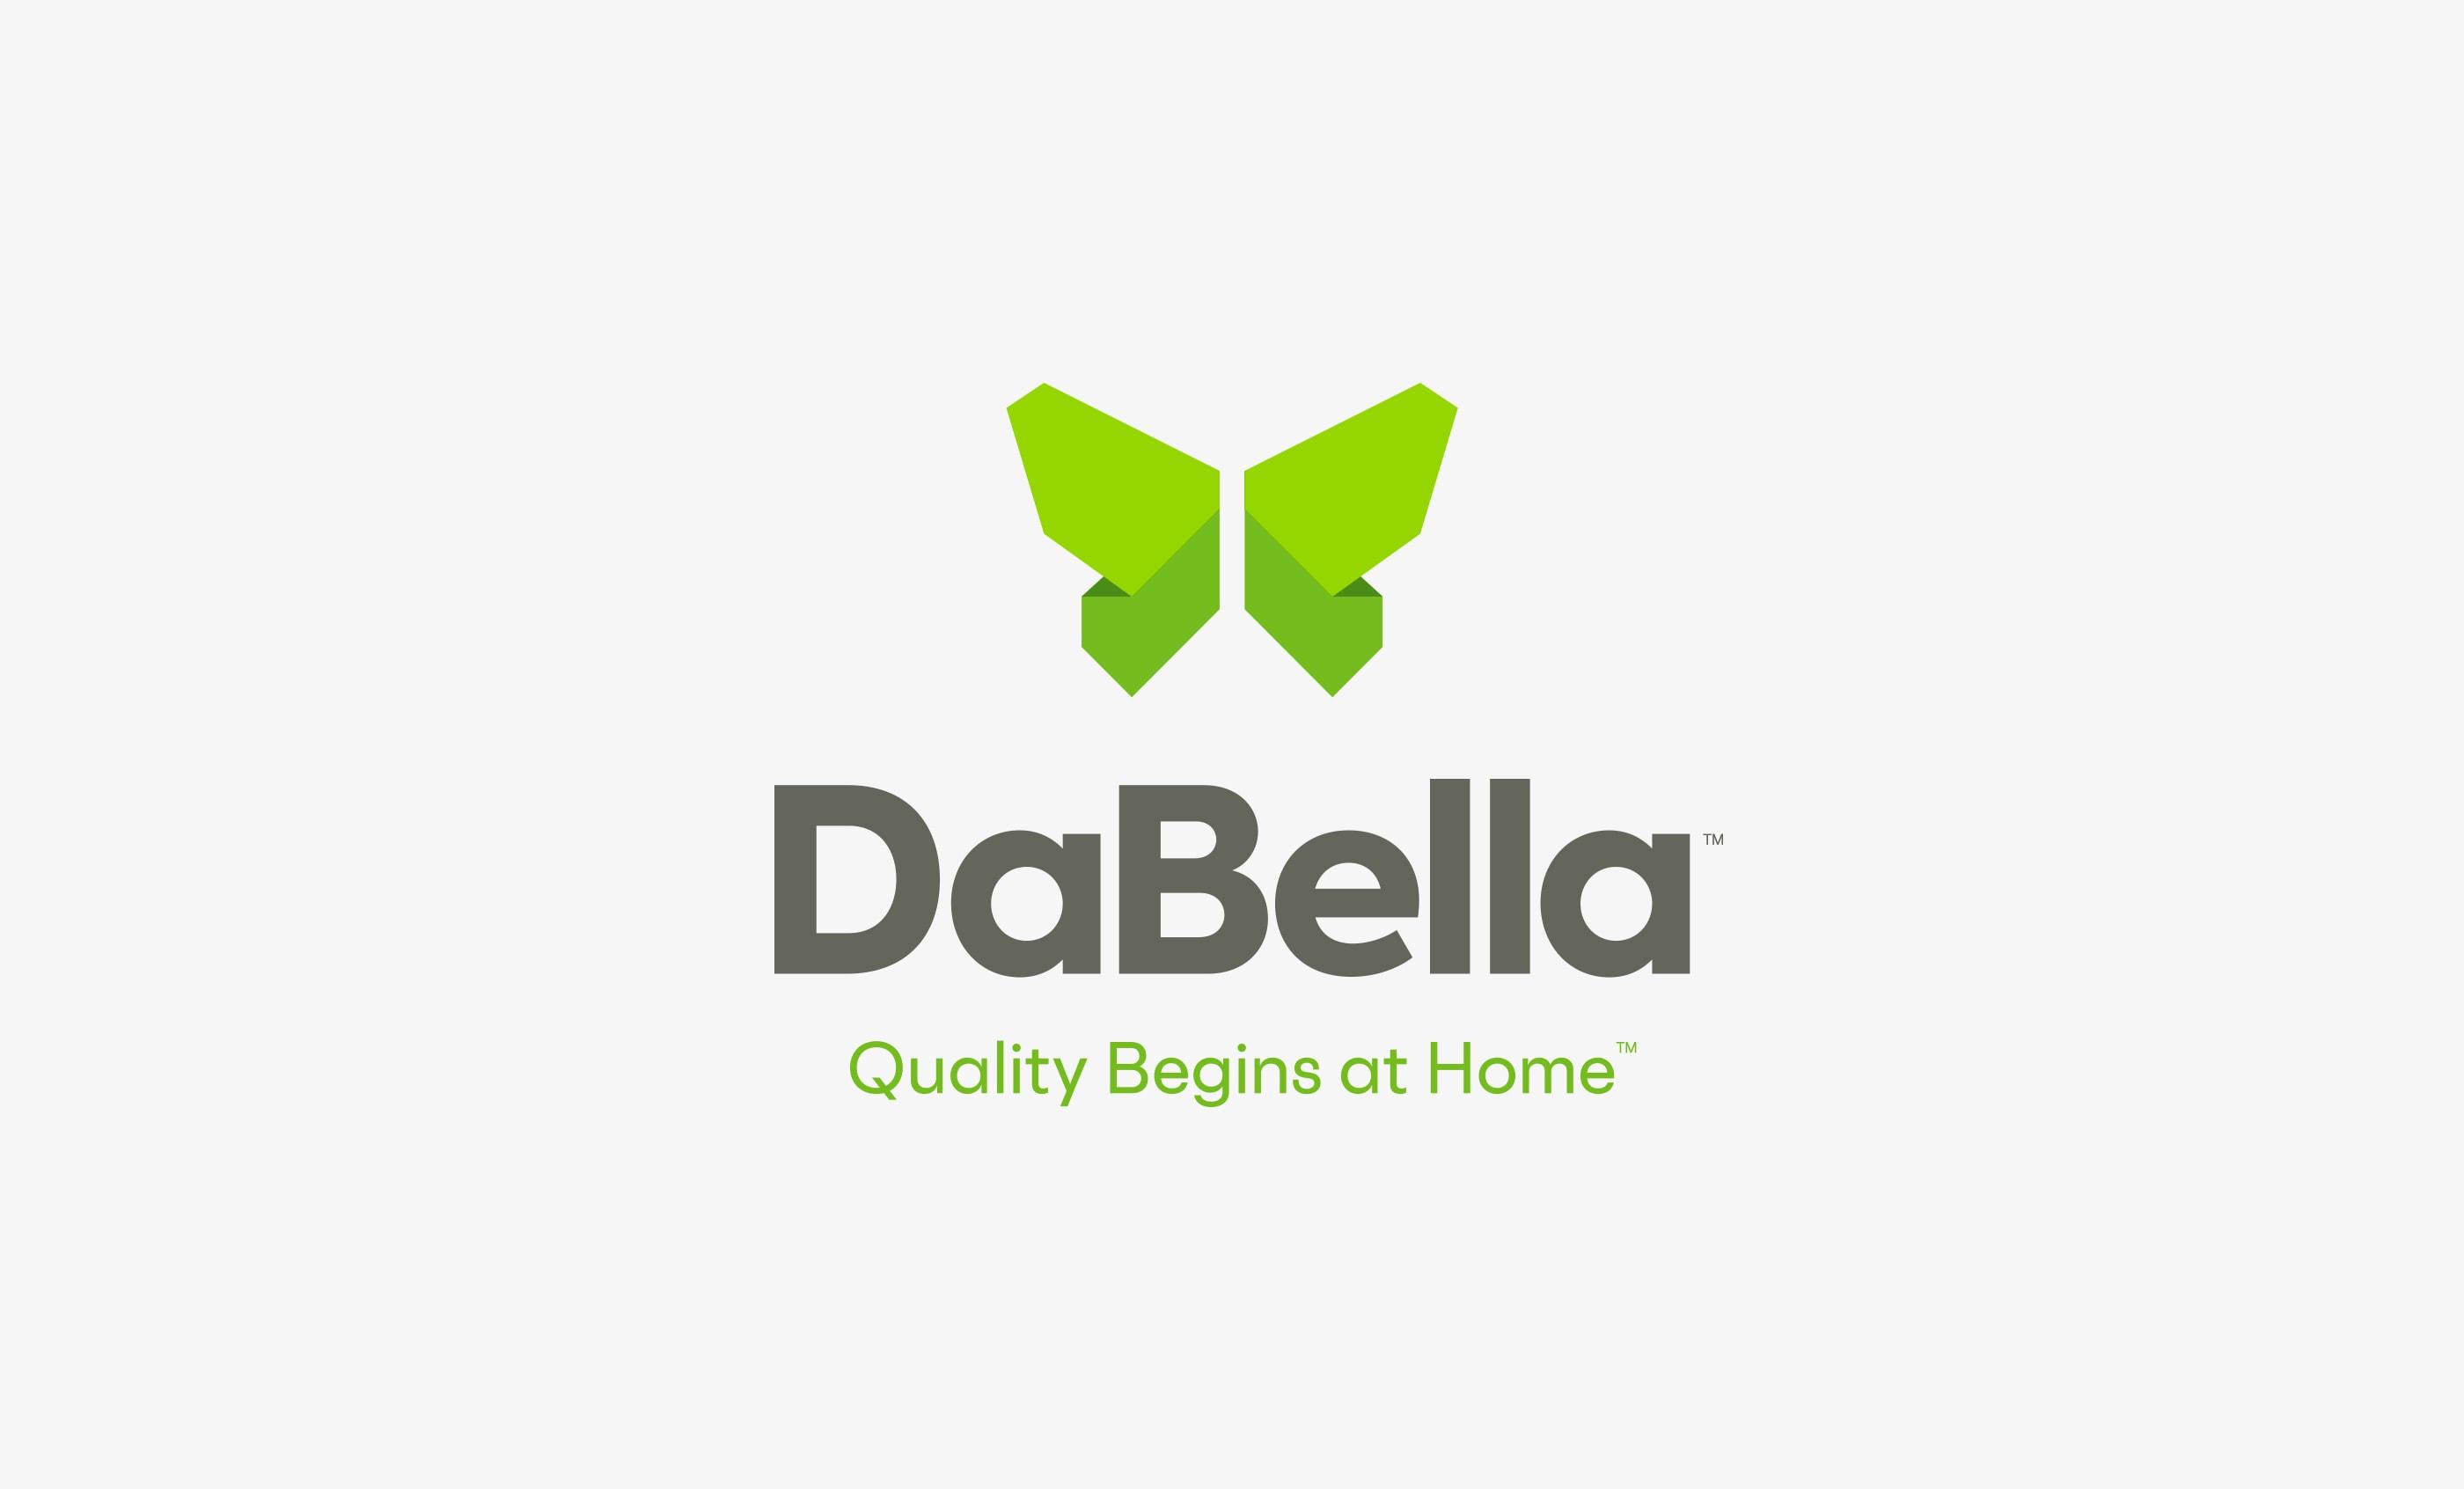 DaBella Logo and Tagline